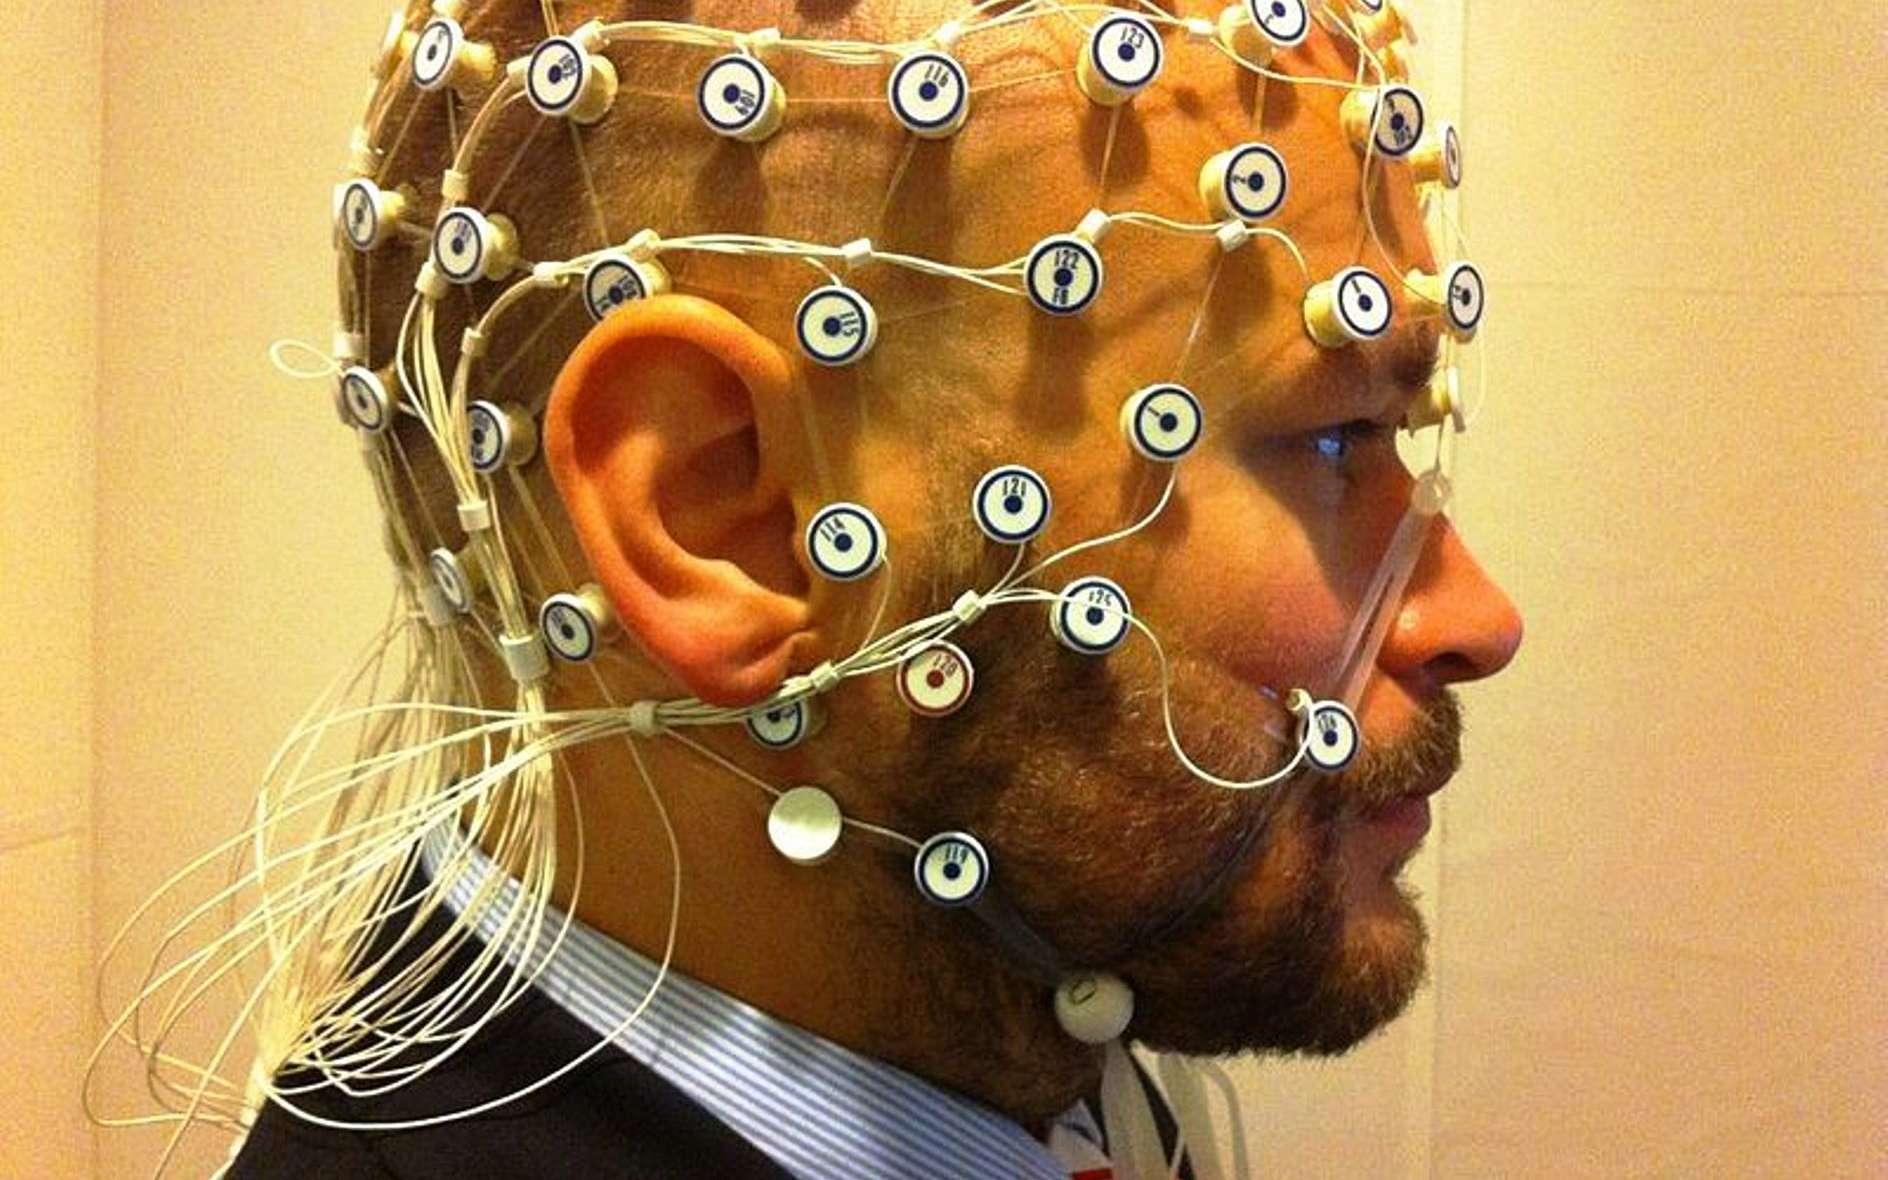 Un casque pour effectuer des mesures pour l'électroencéphalographie dispose de plusieurs des capteurs qui sont montrés sur cette image. Grâce à cette technologie, il est désormais possible de réaliser des « empreintes cérébrales » fiables. © Petter Kallioinen, Wikipédia, CC by sa 3.0